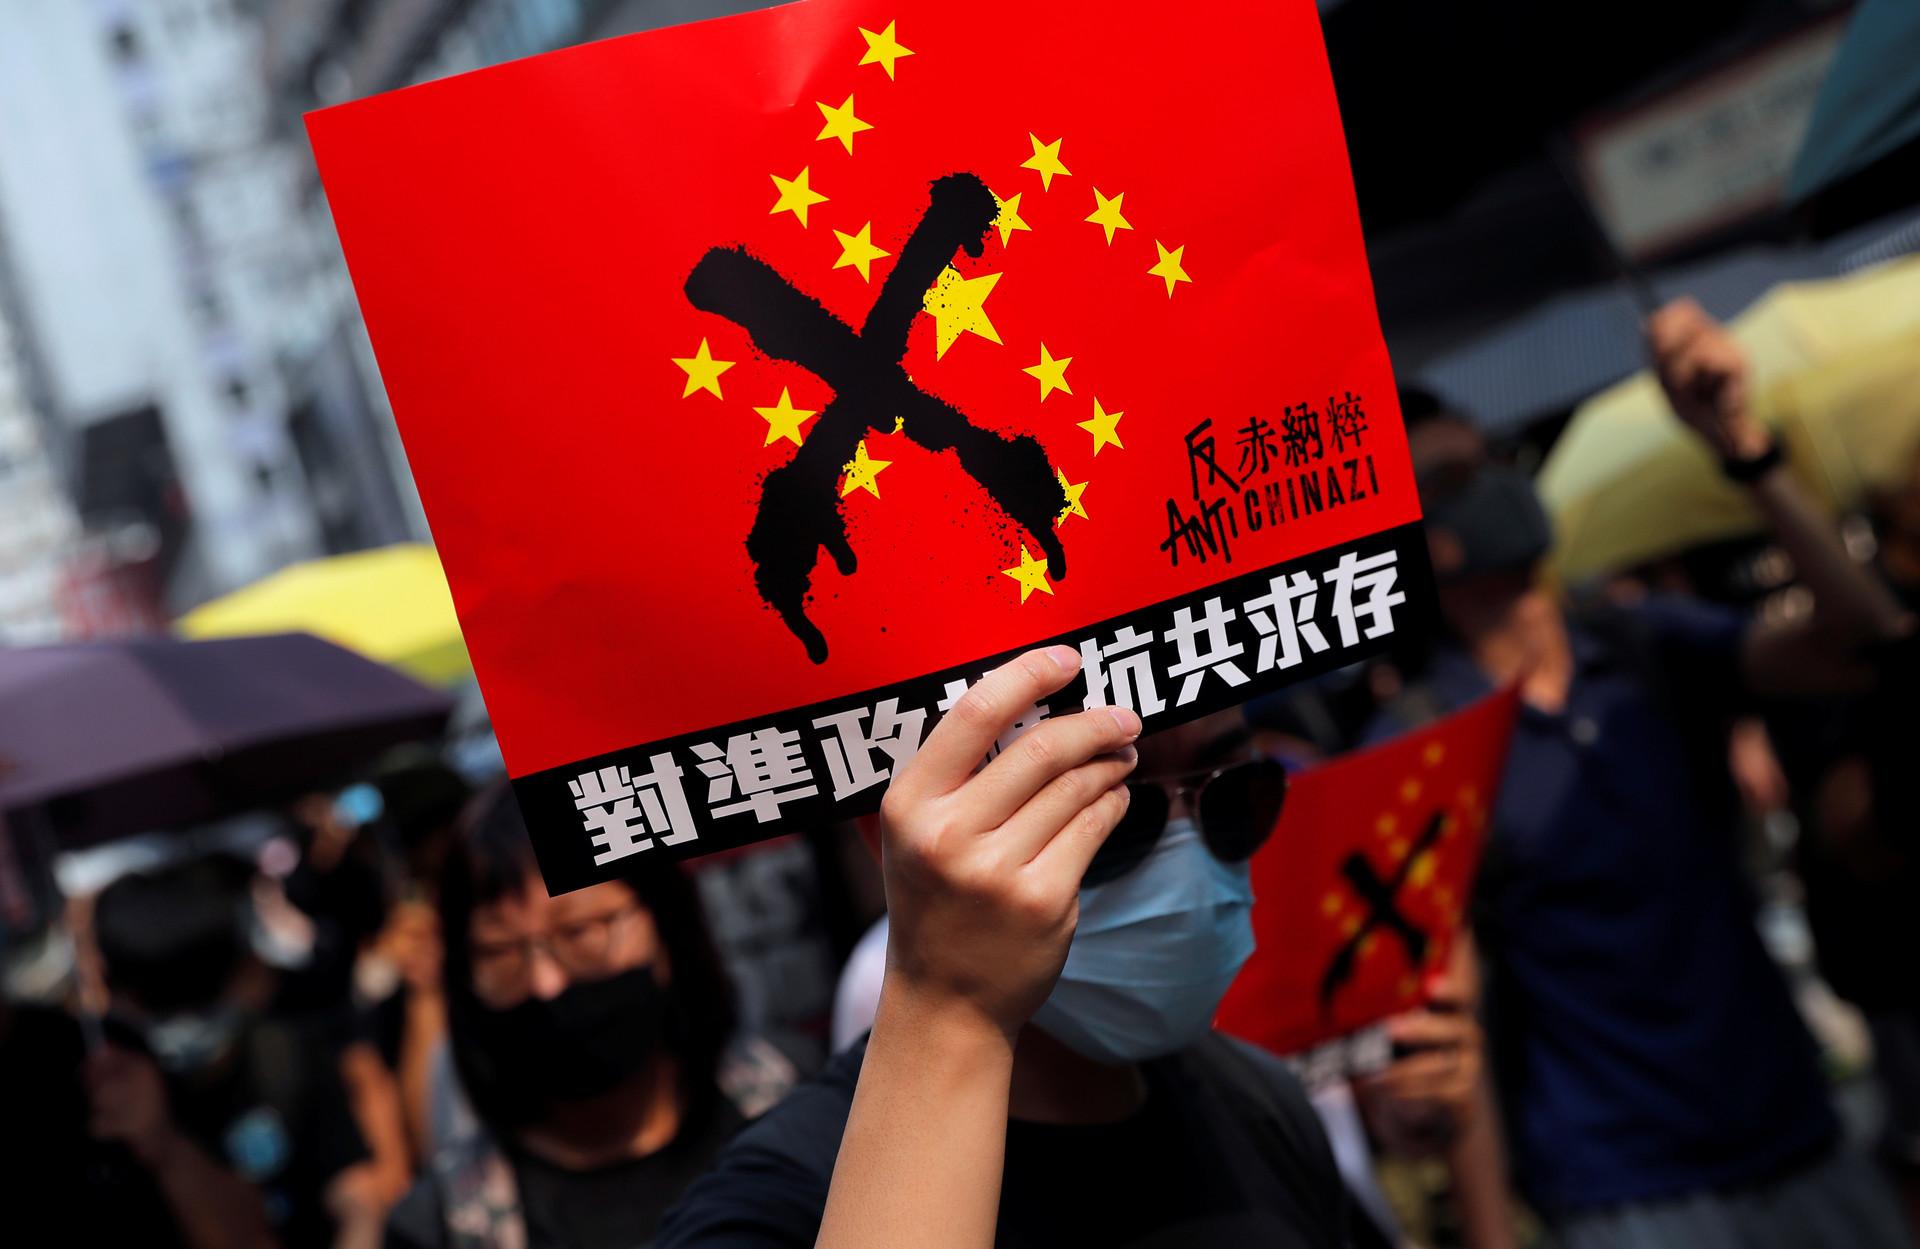 Manifestantes de Hong Kong se arman de más banderas extranjeras, incluida la de Timor Oriental